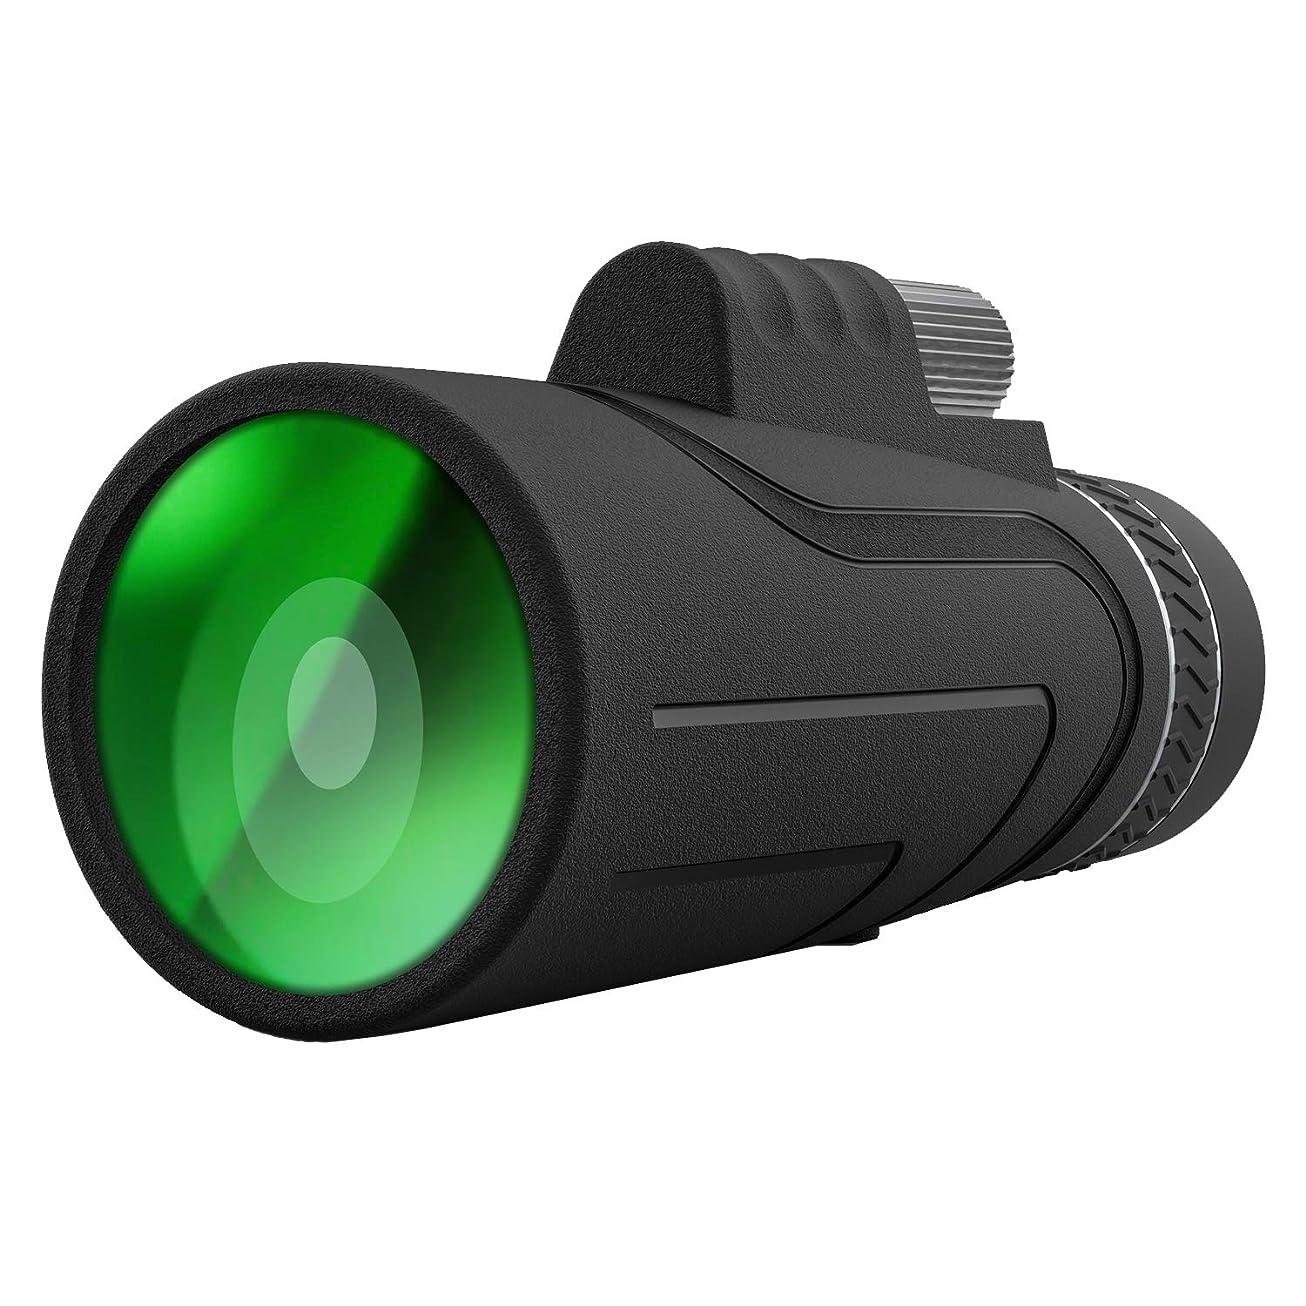 何雲老朽化したRuixy HD 16X50 ハイパワー単眼鏡スコープ 最適な明るさと透明度 耐久性 片手フォーカス。防水。曇り防止。 バードウォッチング、自然観察、ハンティング用に特別に設計